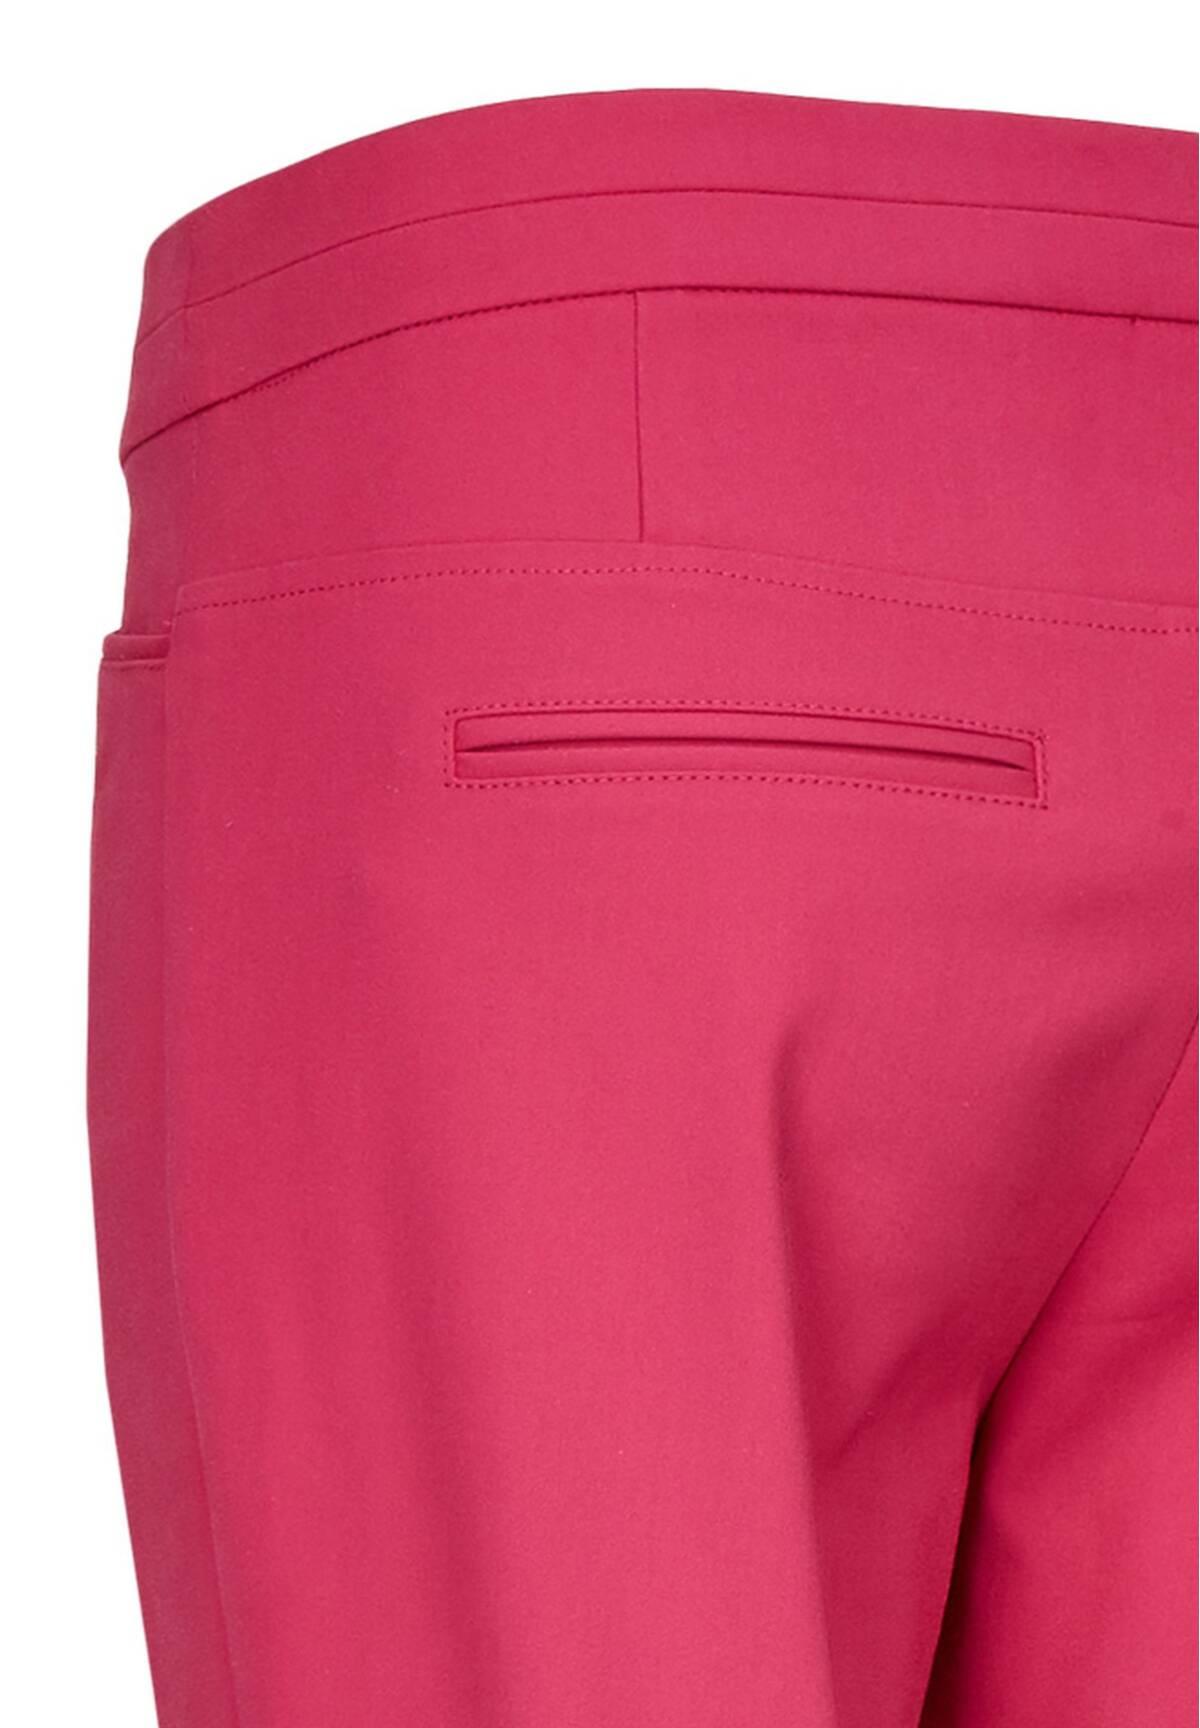 Modische Hose im sommerlichen Design / Tailored Pants